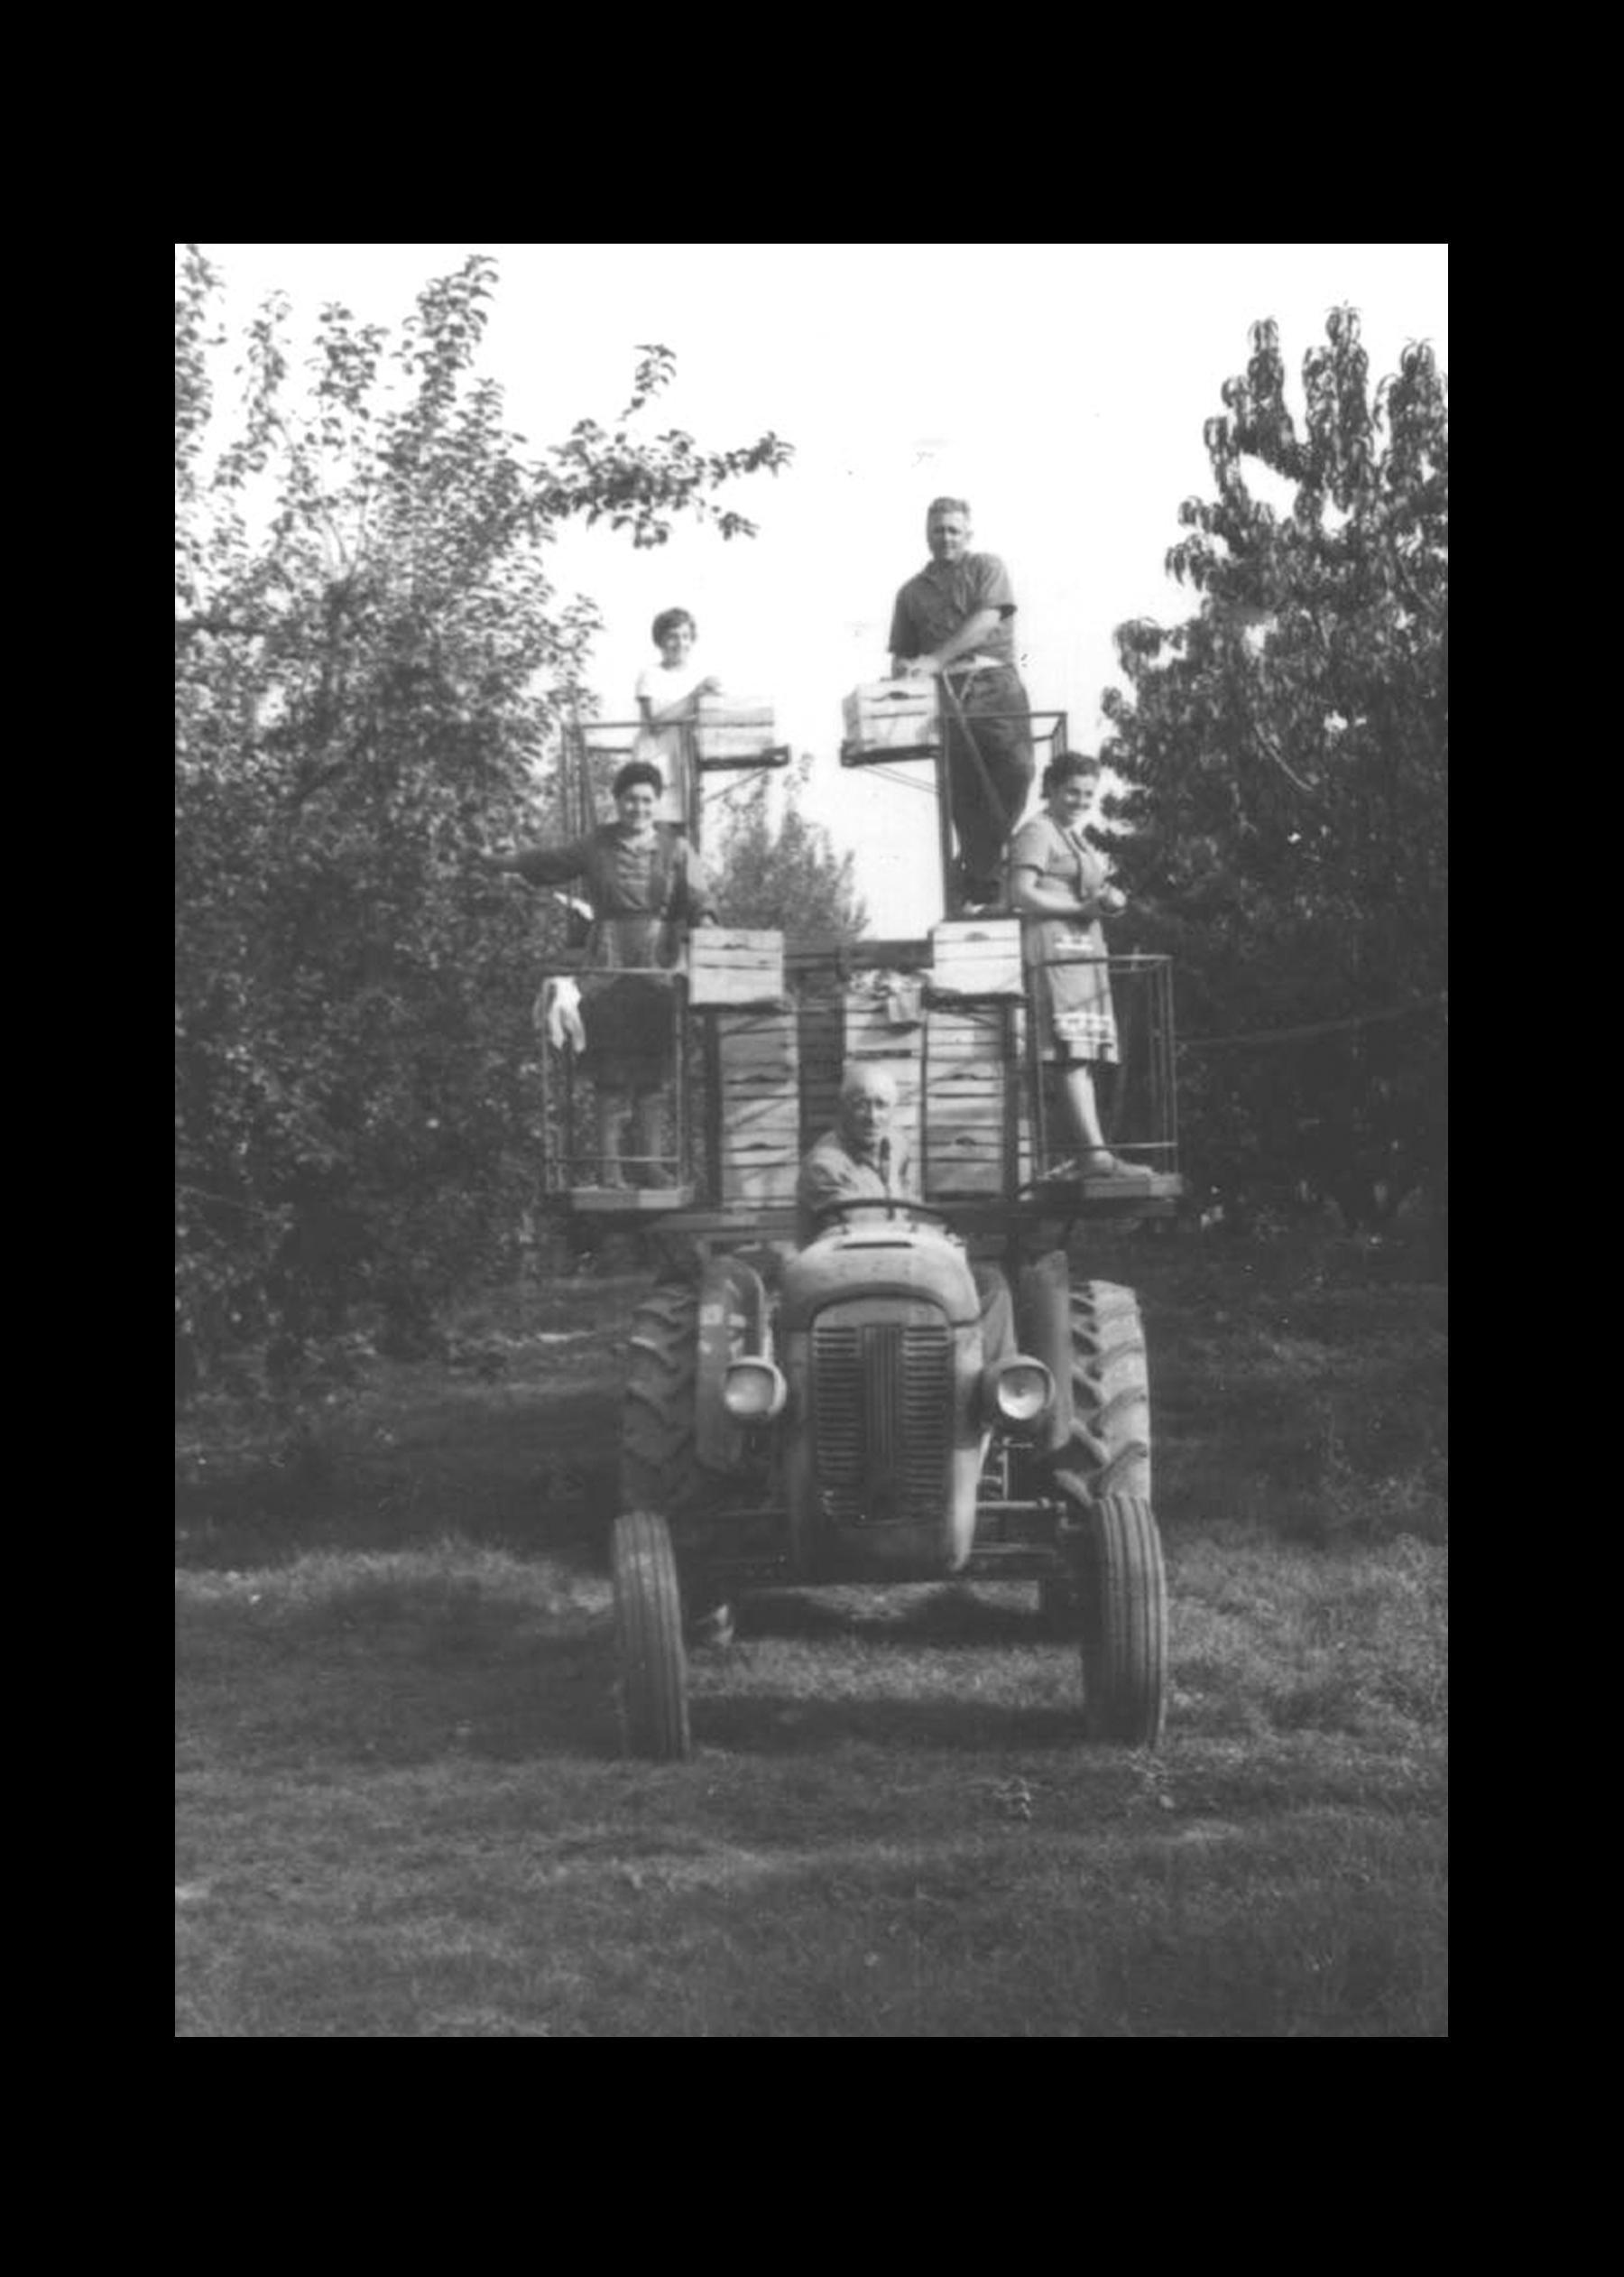 Raccolta della frutta con carro raccolta